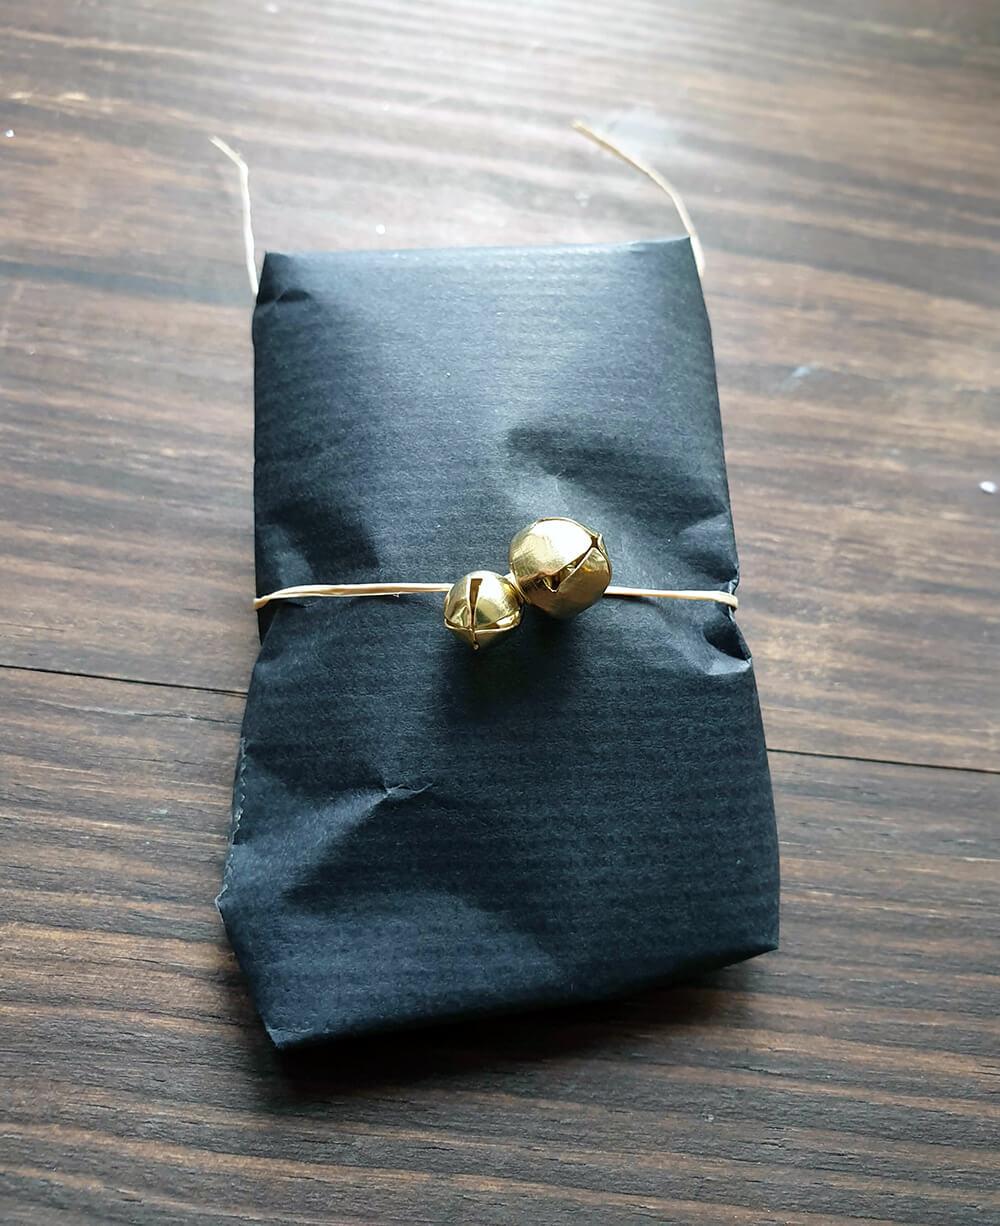 petit cadeau de noel emballé avec du papier kraft noir de la ficelle et des grelots - 7 idées d'emballage cadeau zéro déchet faciles à reproduire